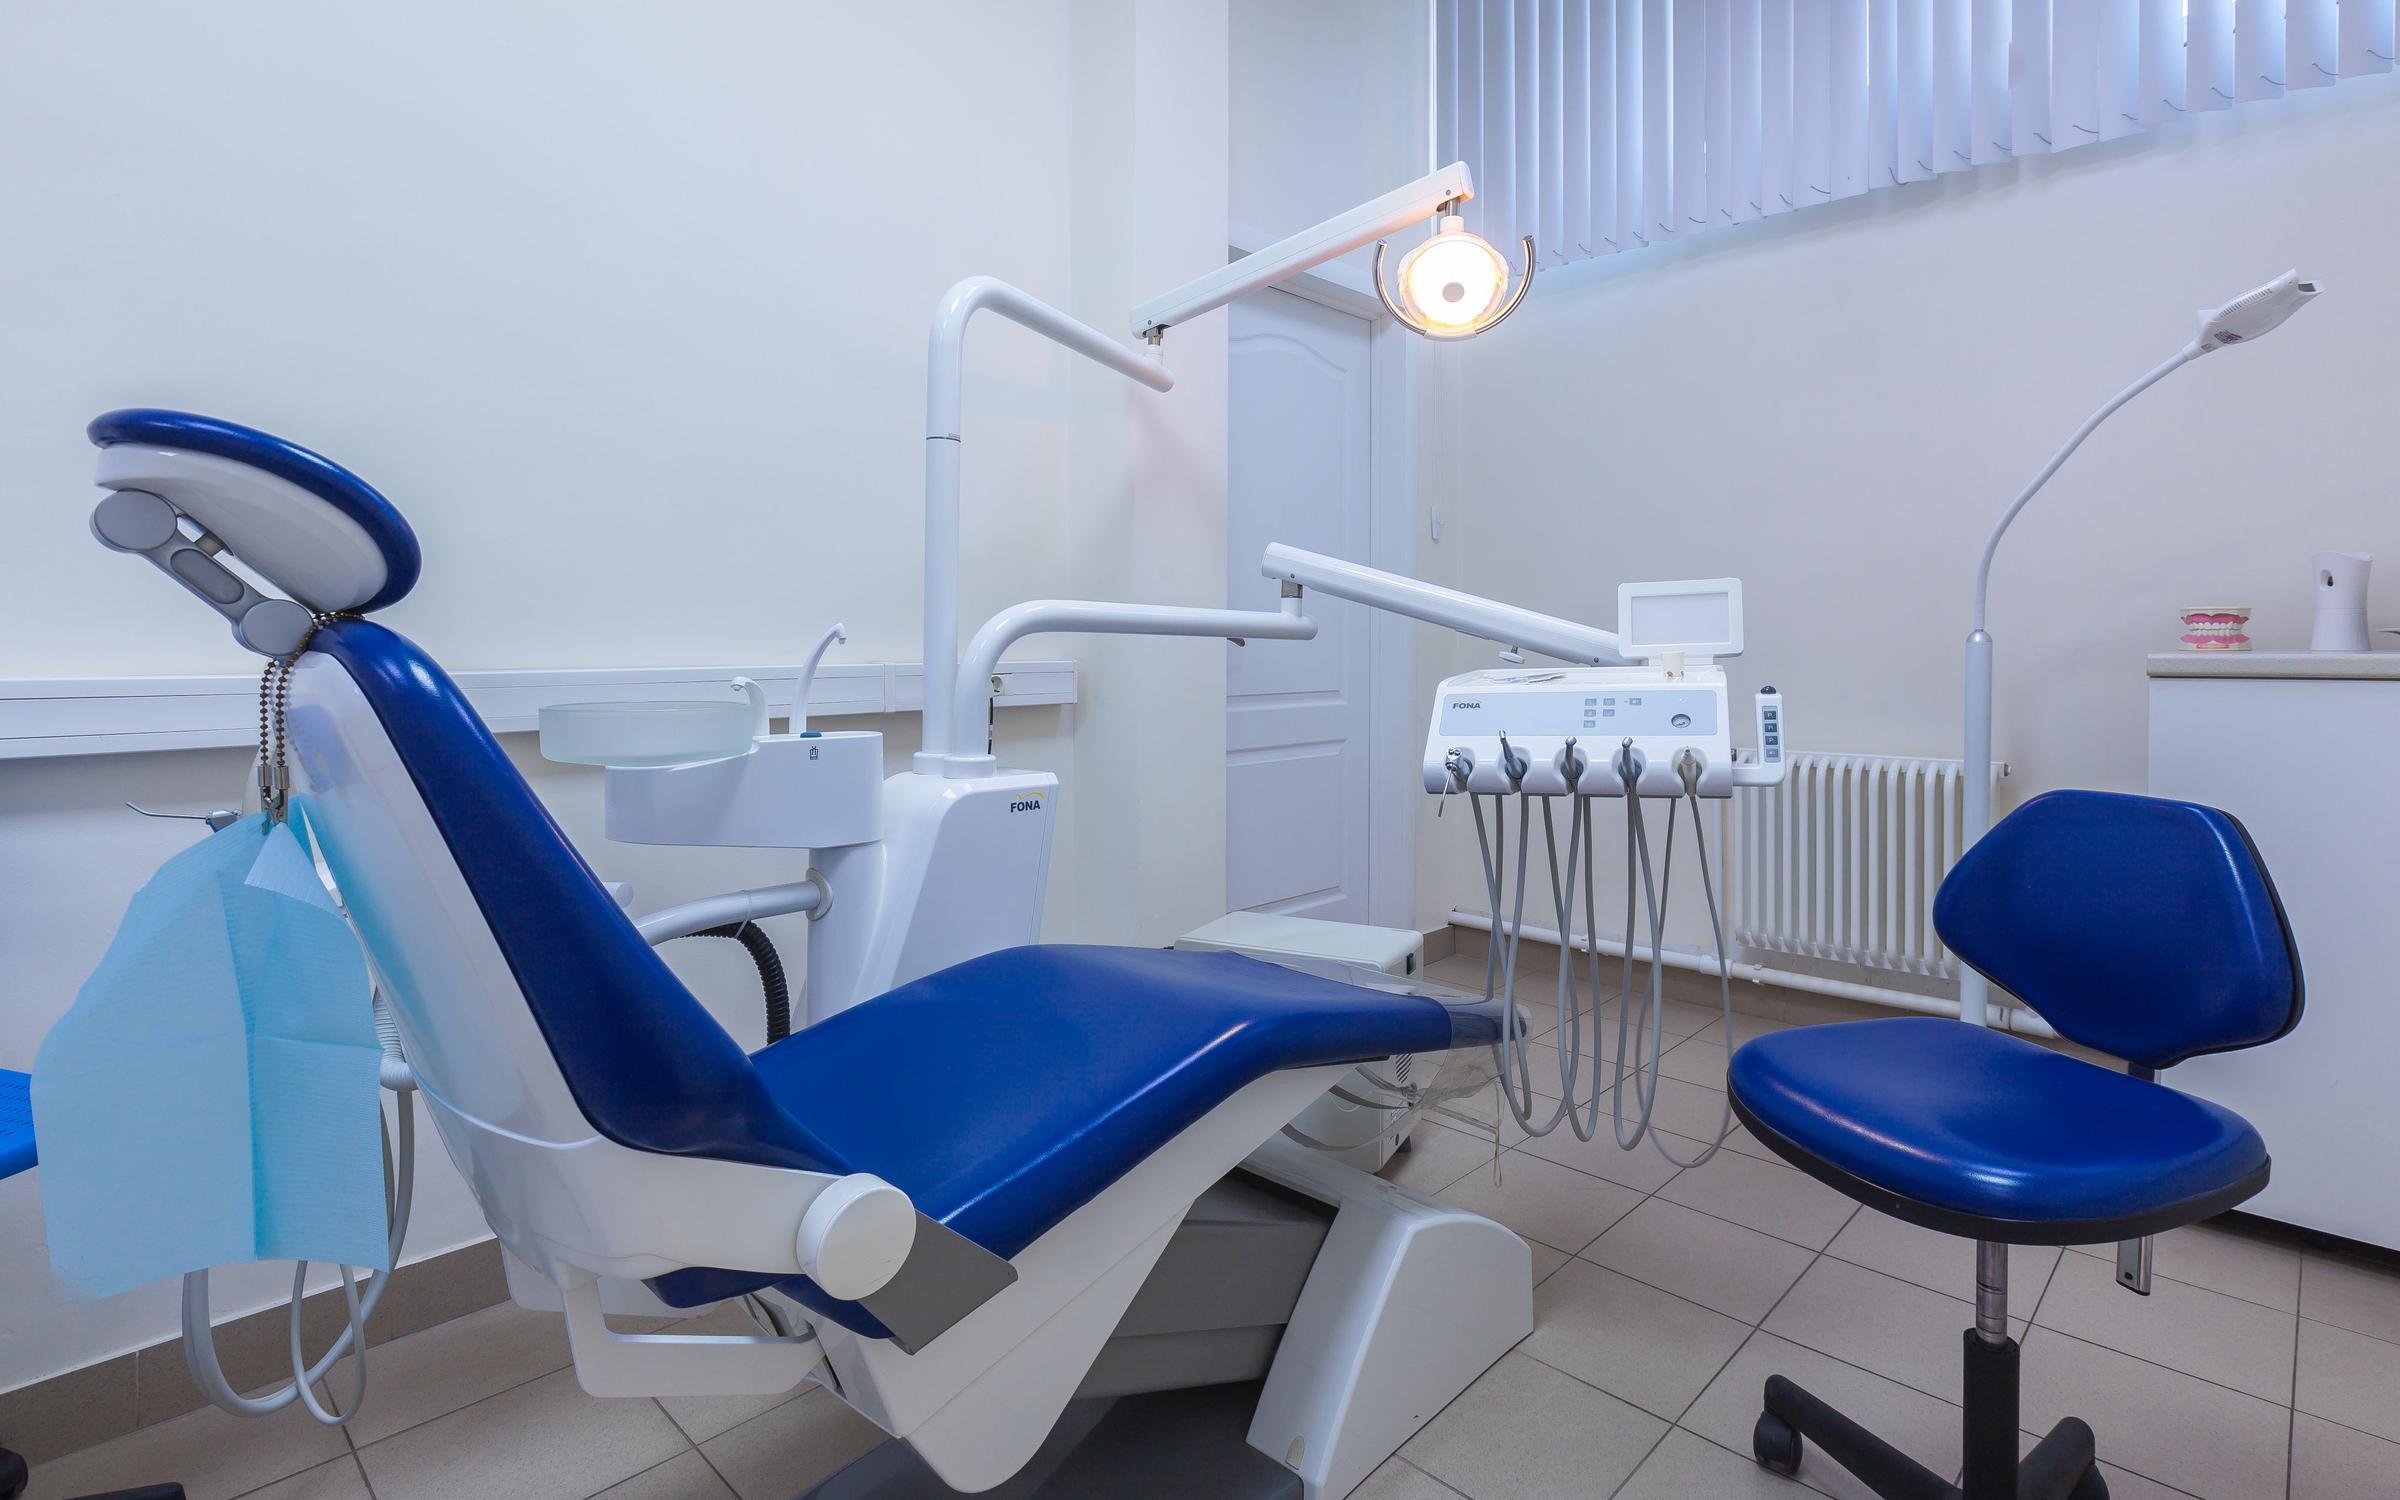 фотография Стоматологии КДС Клиник на Белозерской улице, 17г в Бибирево